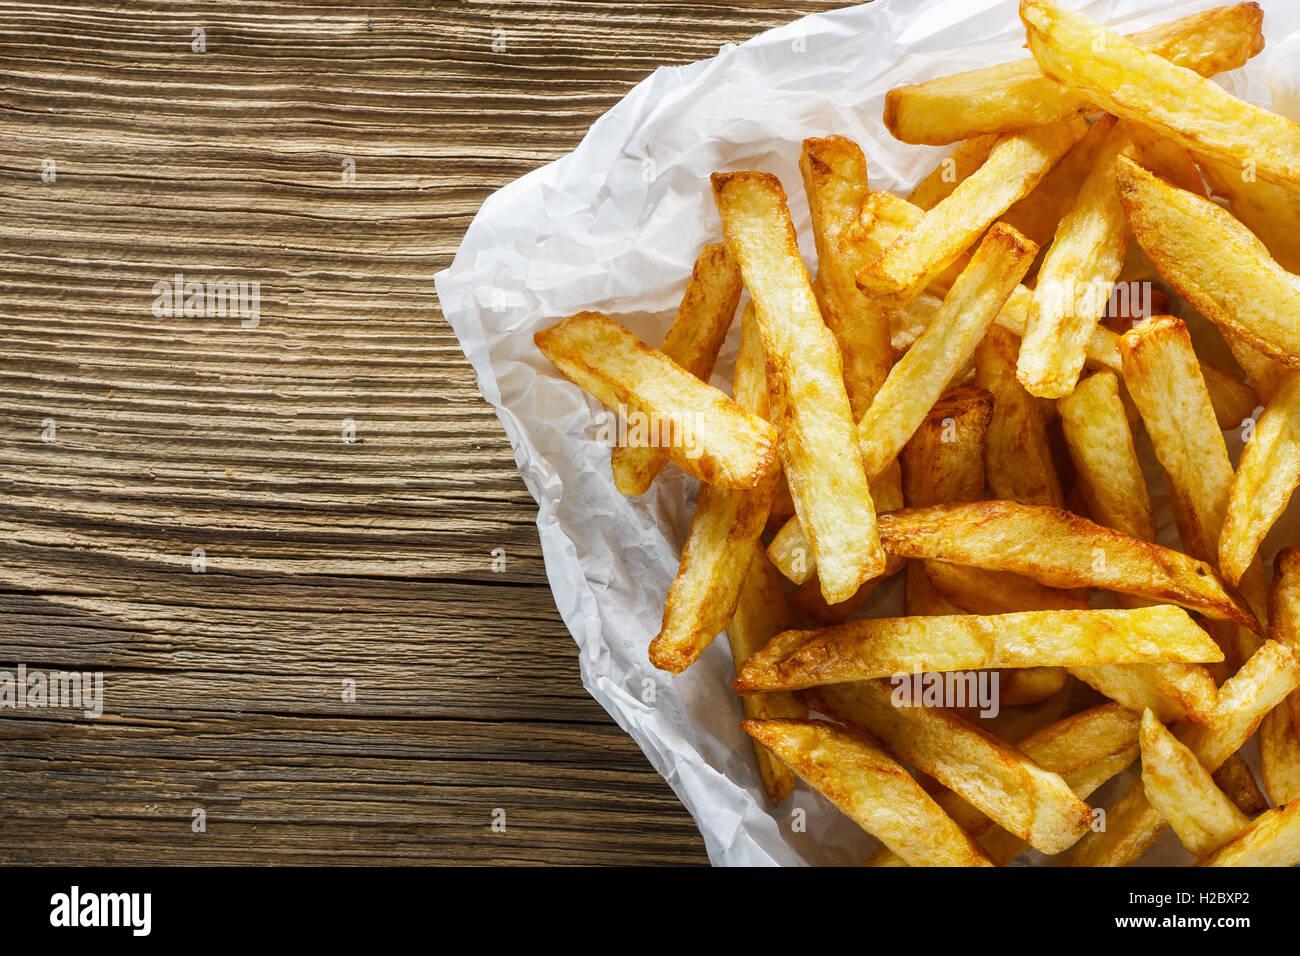 Patatas fritas en la mesa de madera Imagen De Stock